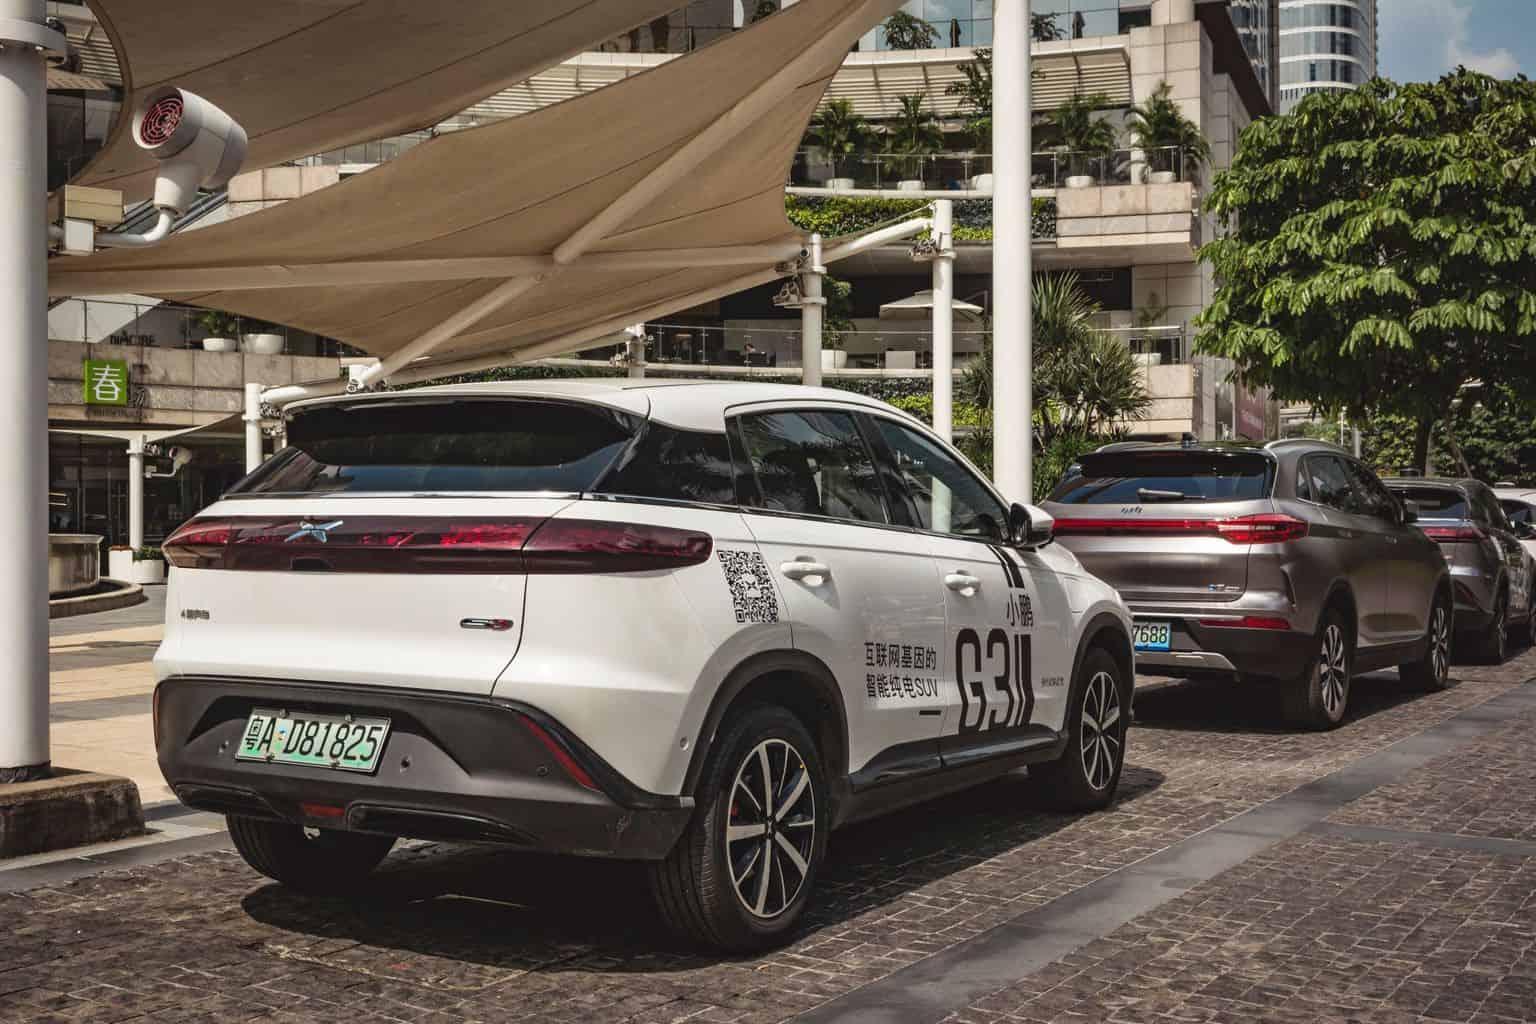 Xpeng trennt Akku vom E-Auto und senkt somit die Kosten - auf den ersten Blick